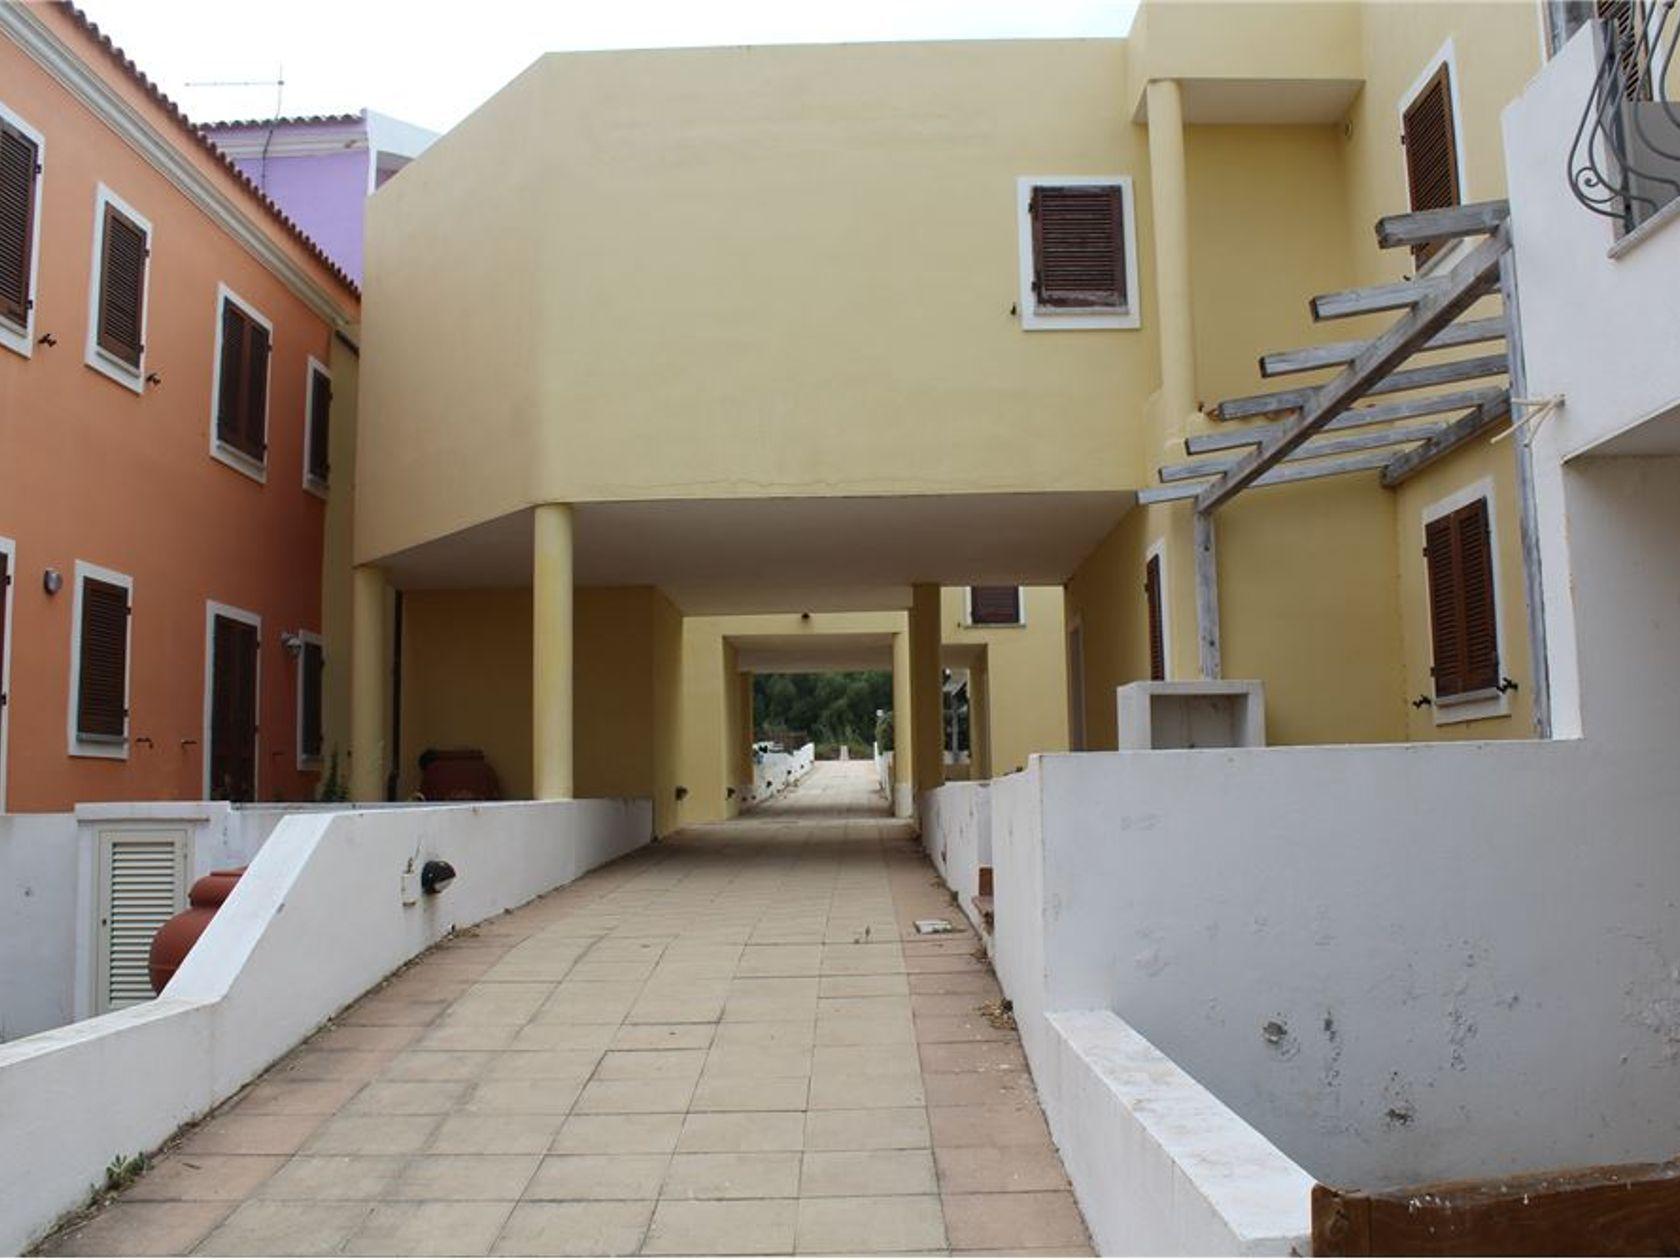 Appartamento Santa Teresa Gallura, OT Vendita